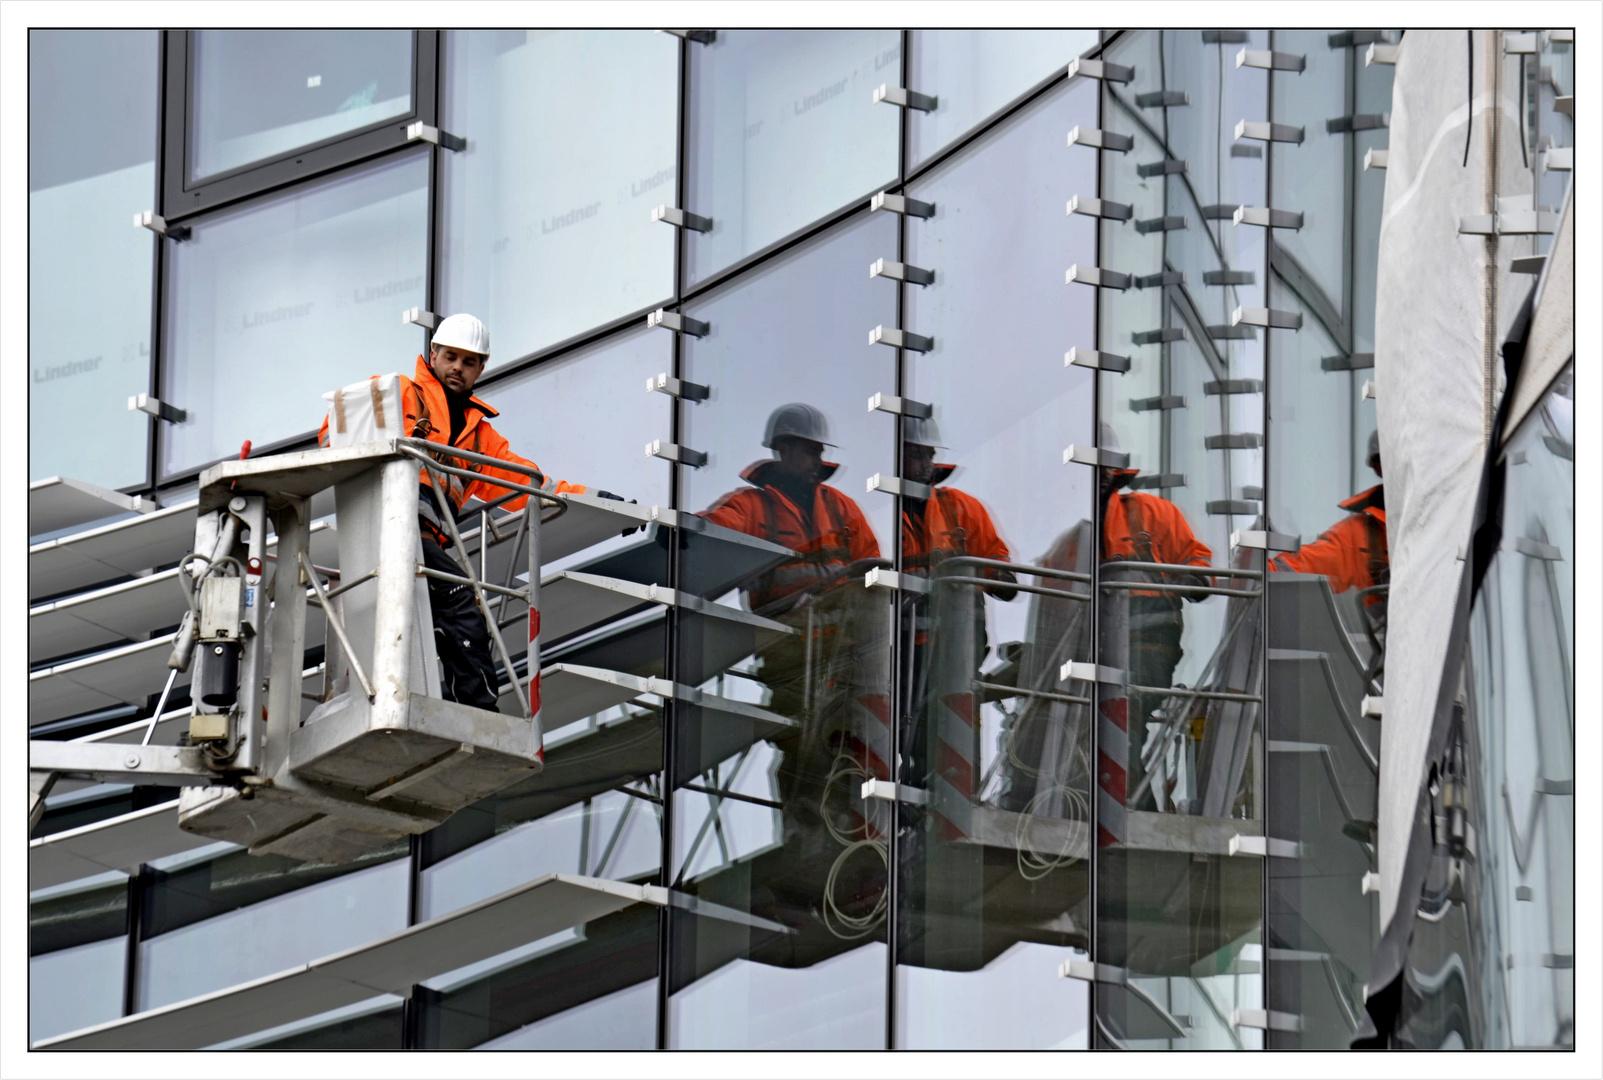 Letzte Außenarbeiten an der Fassade!